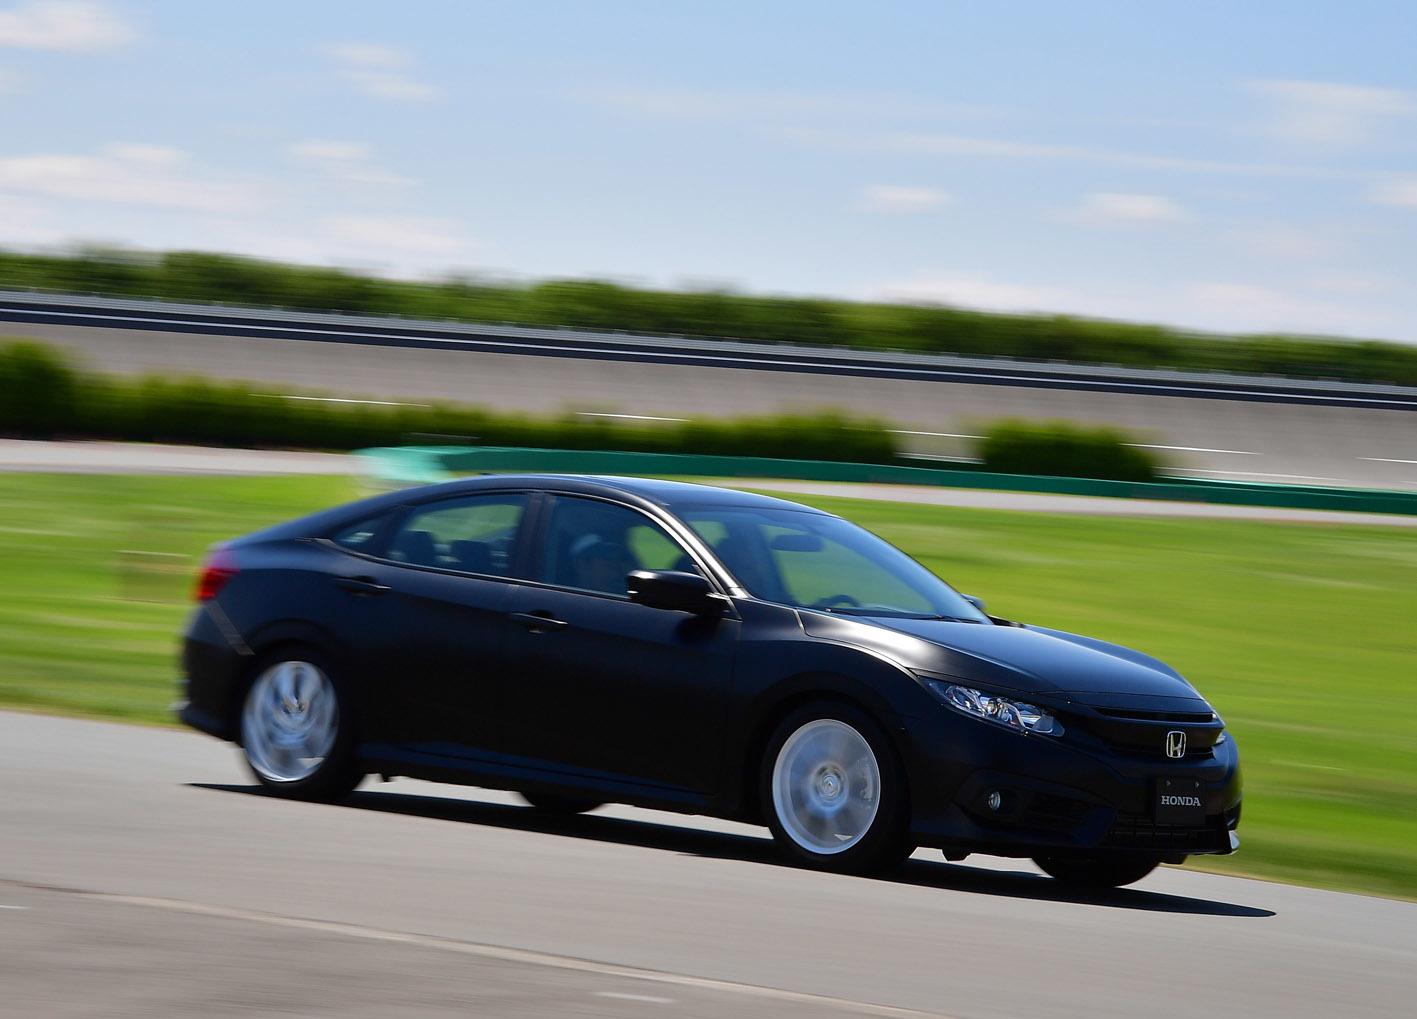 写真は今年8月に「ホンダミーティング」で試乗した、「ホンダの新世代車に搭載予定の空力と足回りをセッティングしたシビック」